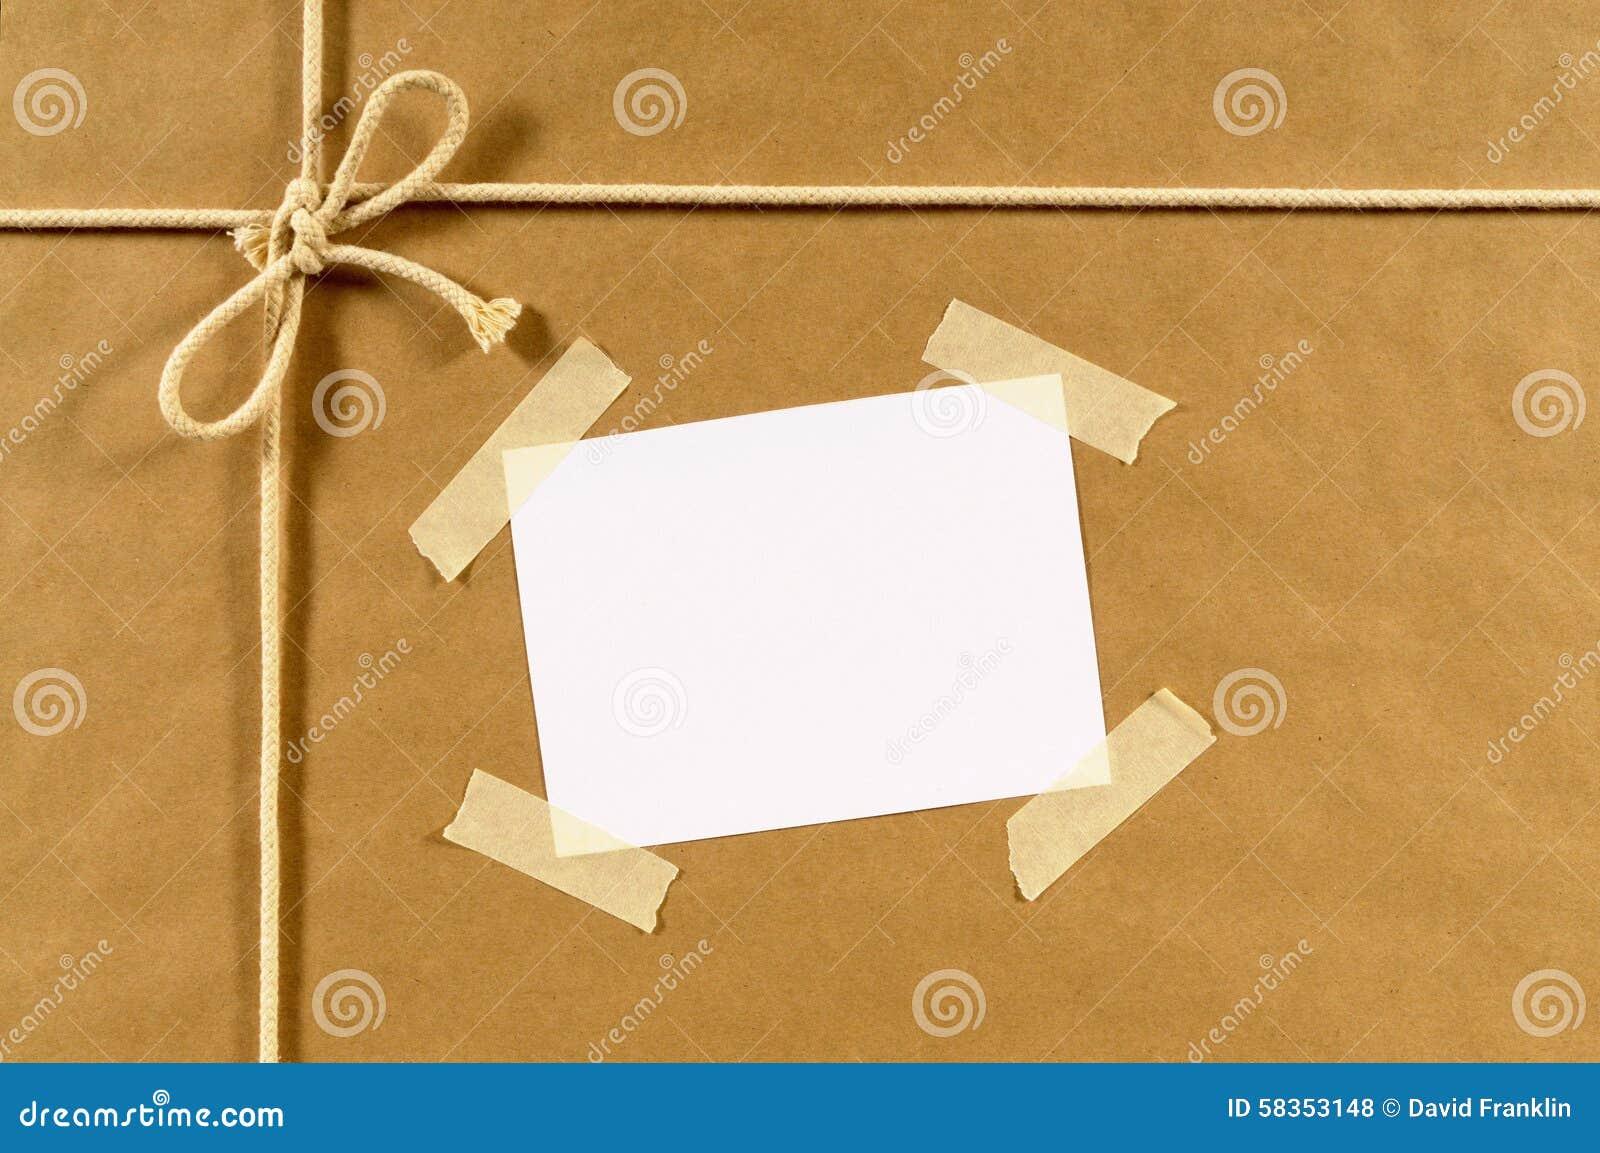 Fondo del paquete del papel de Brown, etiqueta de dirección, cinta pegajosa